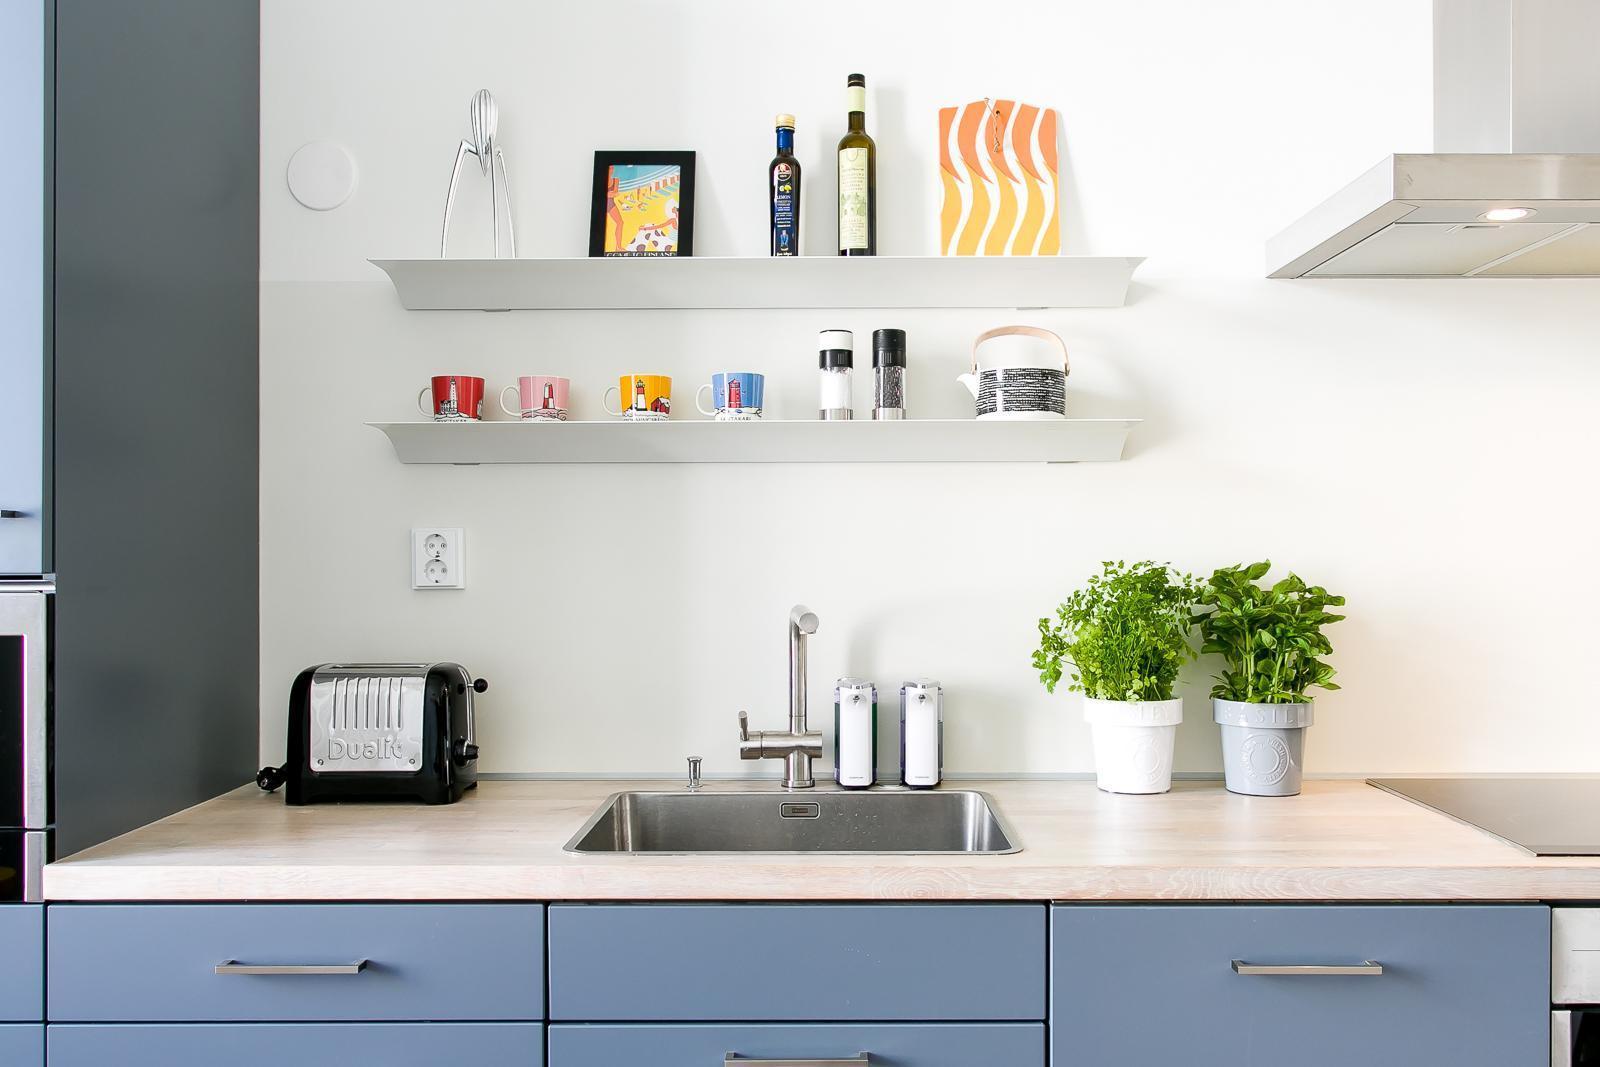 Skandinaavinen keittiö 9727290  Etuovi com Ideat & vinkit